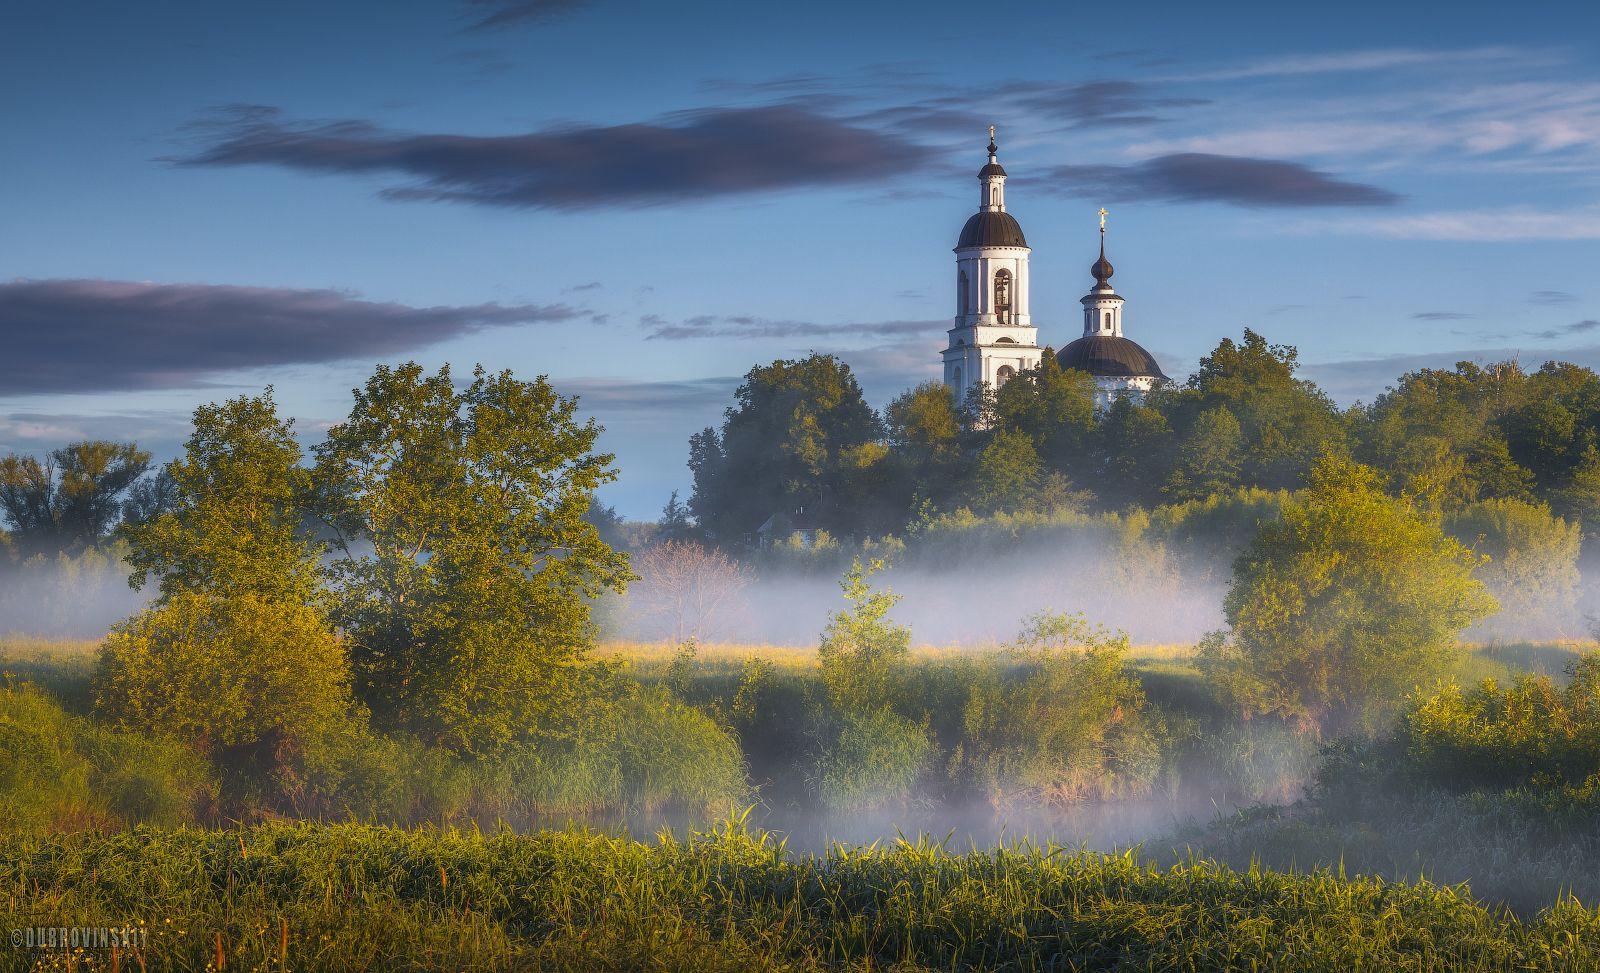 Филипповское Филипповское Владимирская область туман рассвет храм село